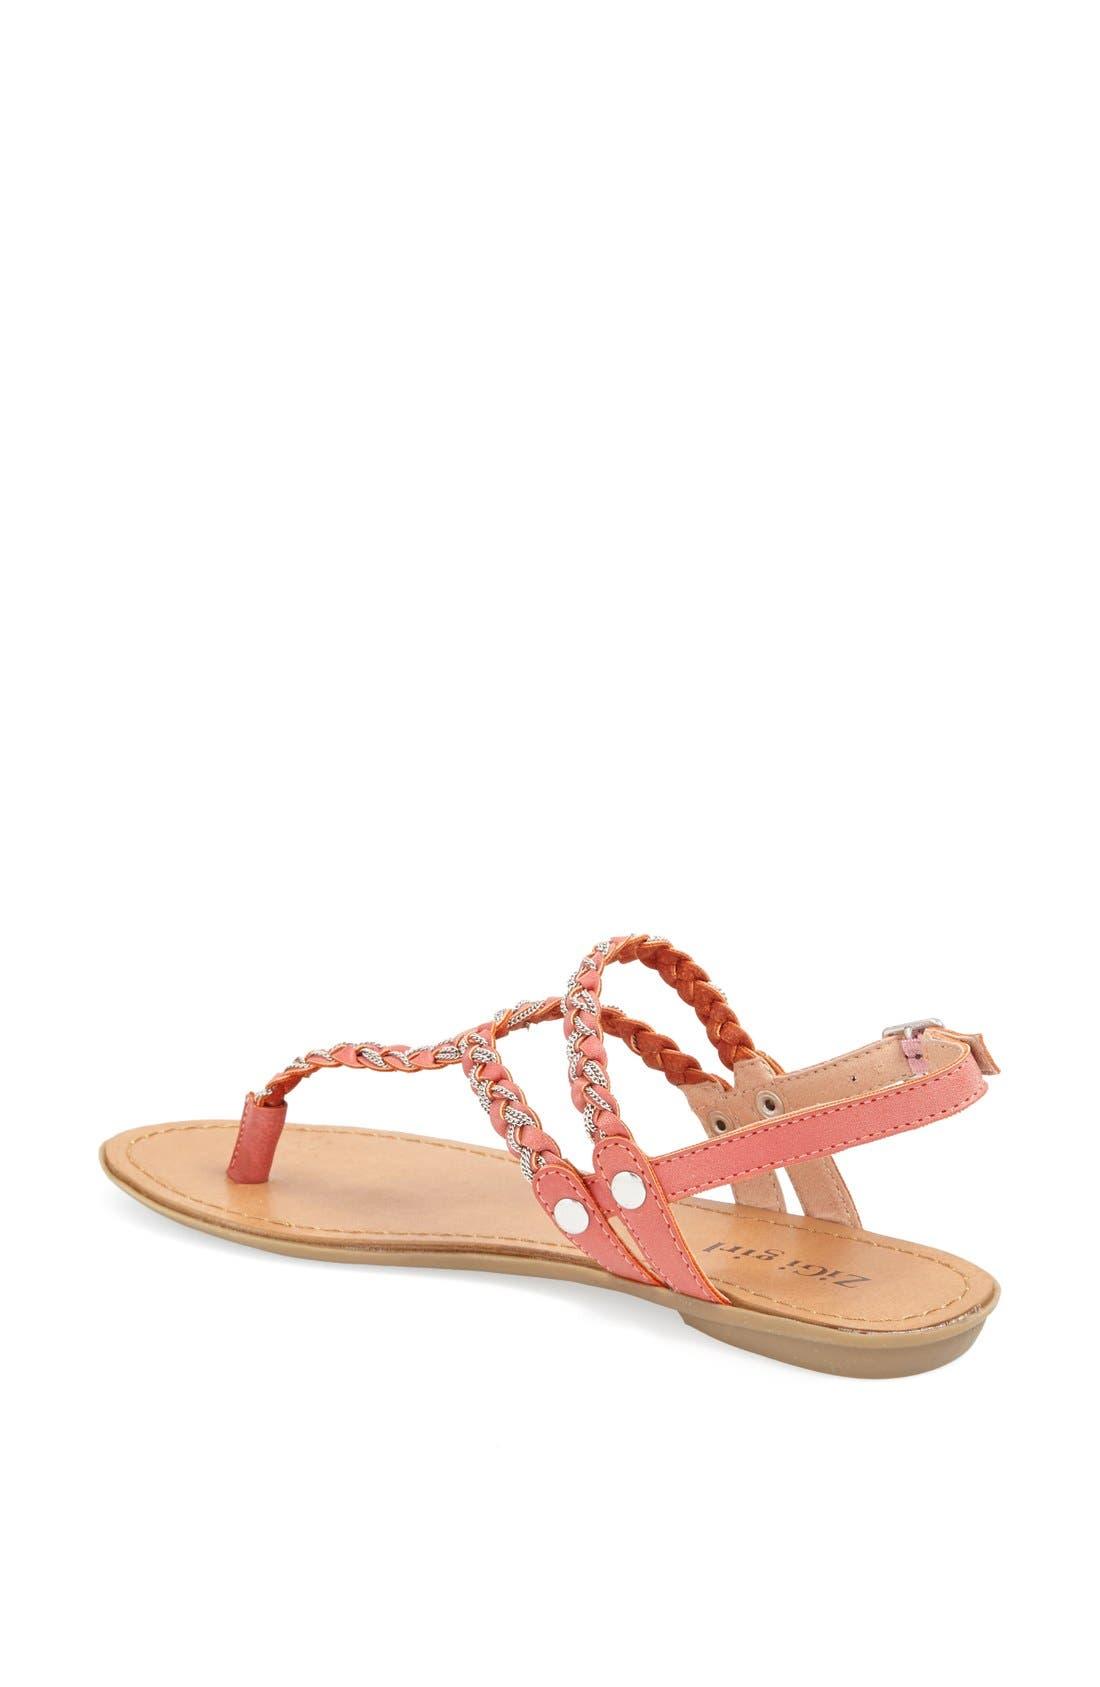 Alternate Image 2  - ZiGi girl 'Articulate' Sandal